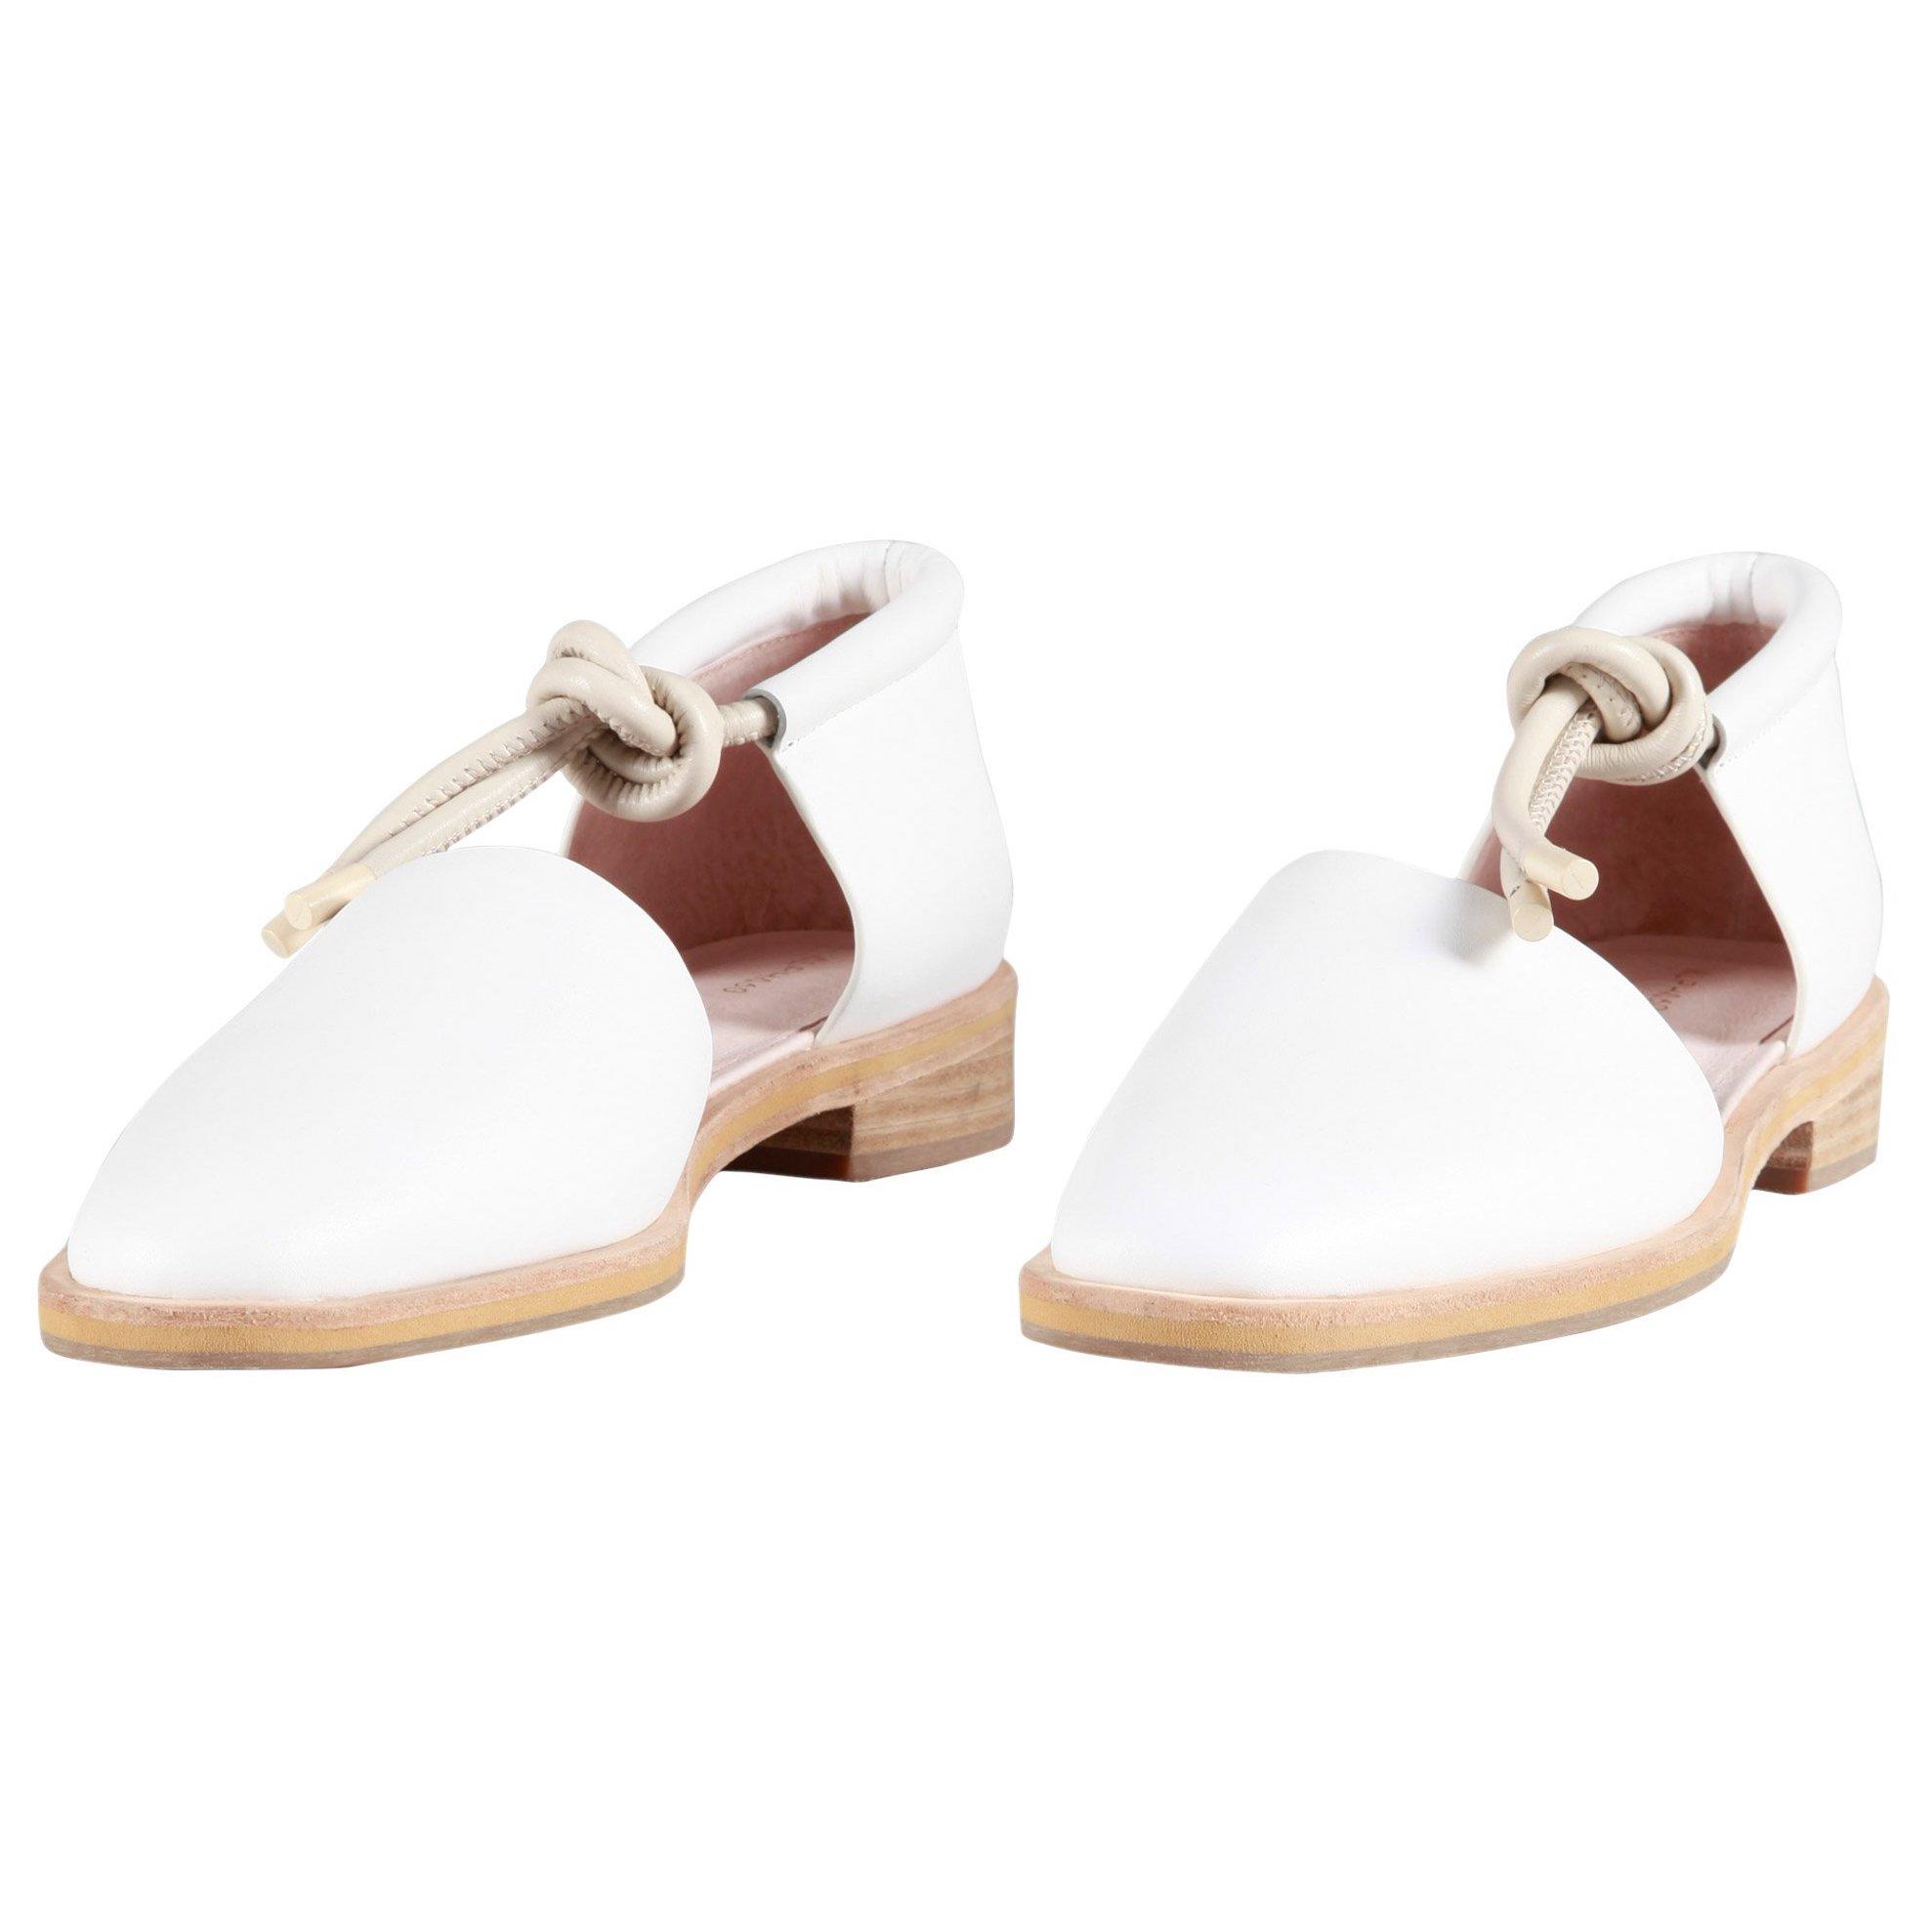 鞋子 過年 十年 過時 型格 皮鞋 ALPHA 60 Molly 皮鞋